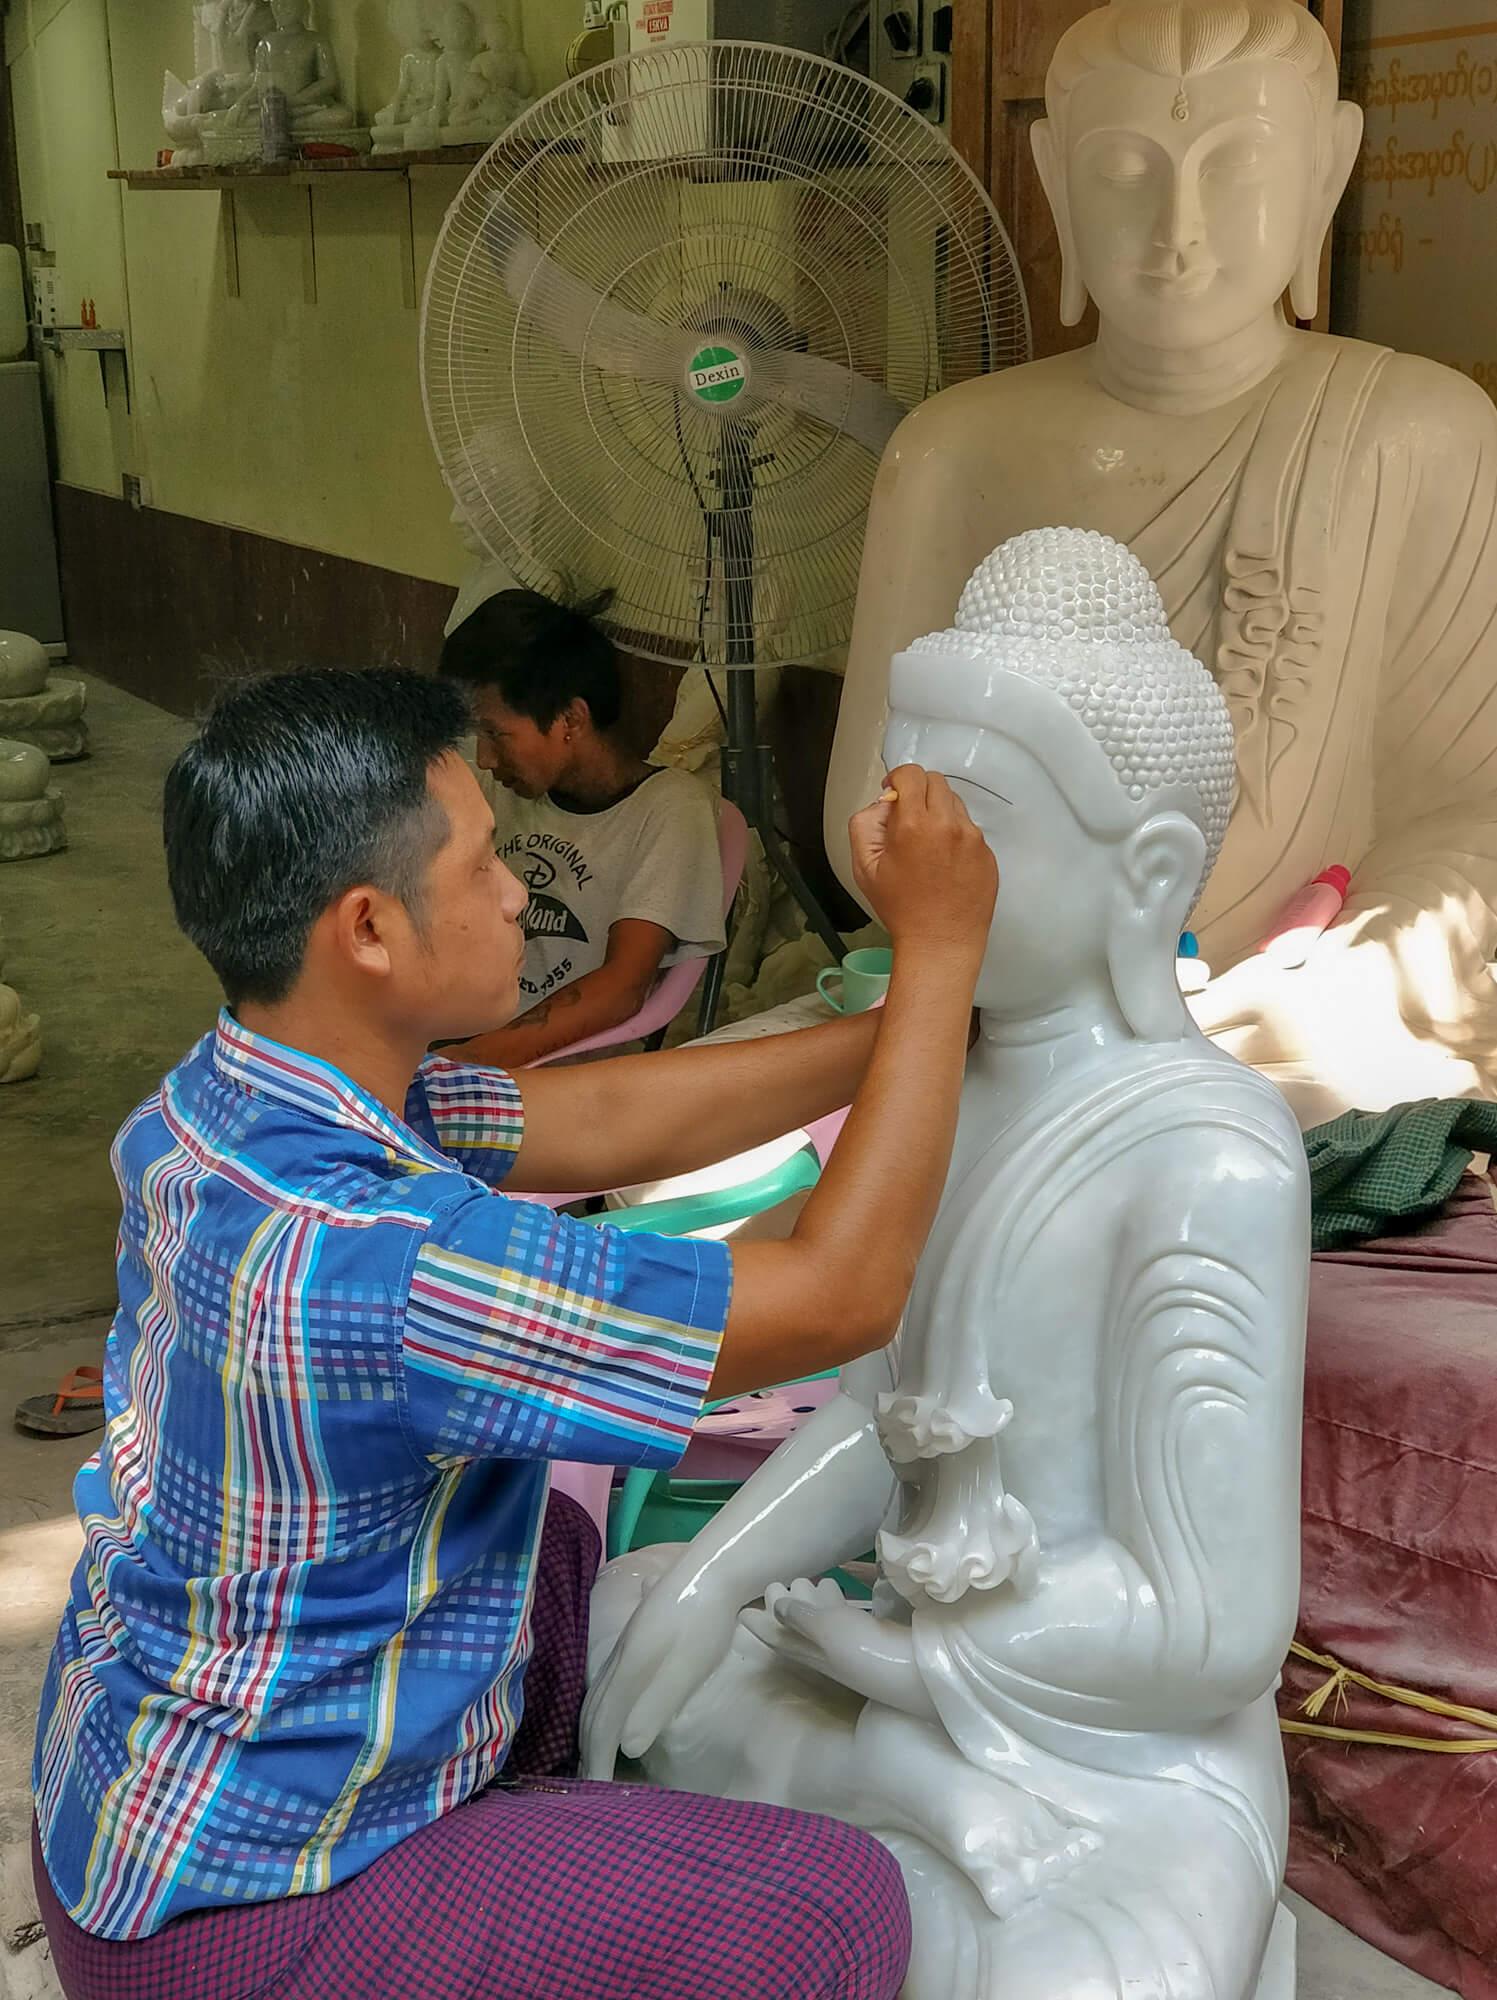 Un sculpteur de pierre à Mandalay